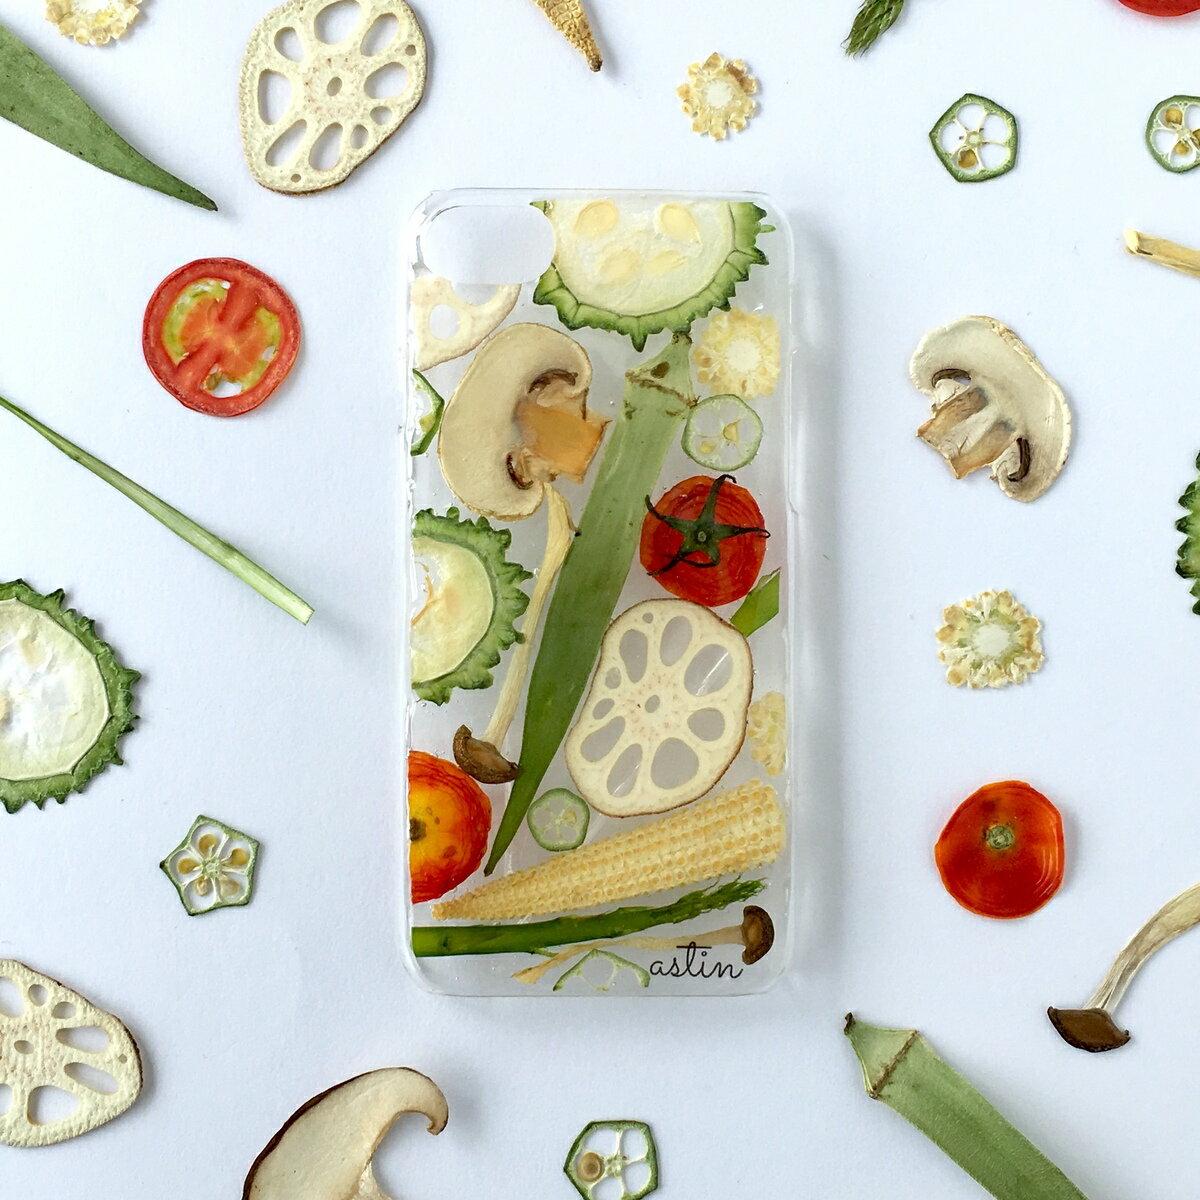 ベジタブルパズル 押し花 押し野菜 野菜 おくら 全機種対応 iPhone XS ケース iPhone XR iPhone XS max ケース iphone x ケース iphone8 iphone7ケース スマホ iphone8Plus